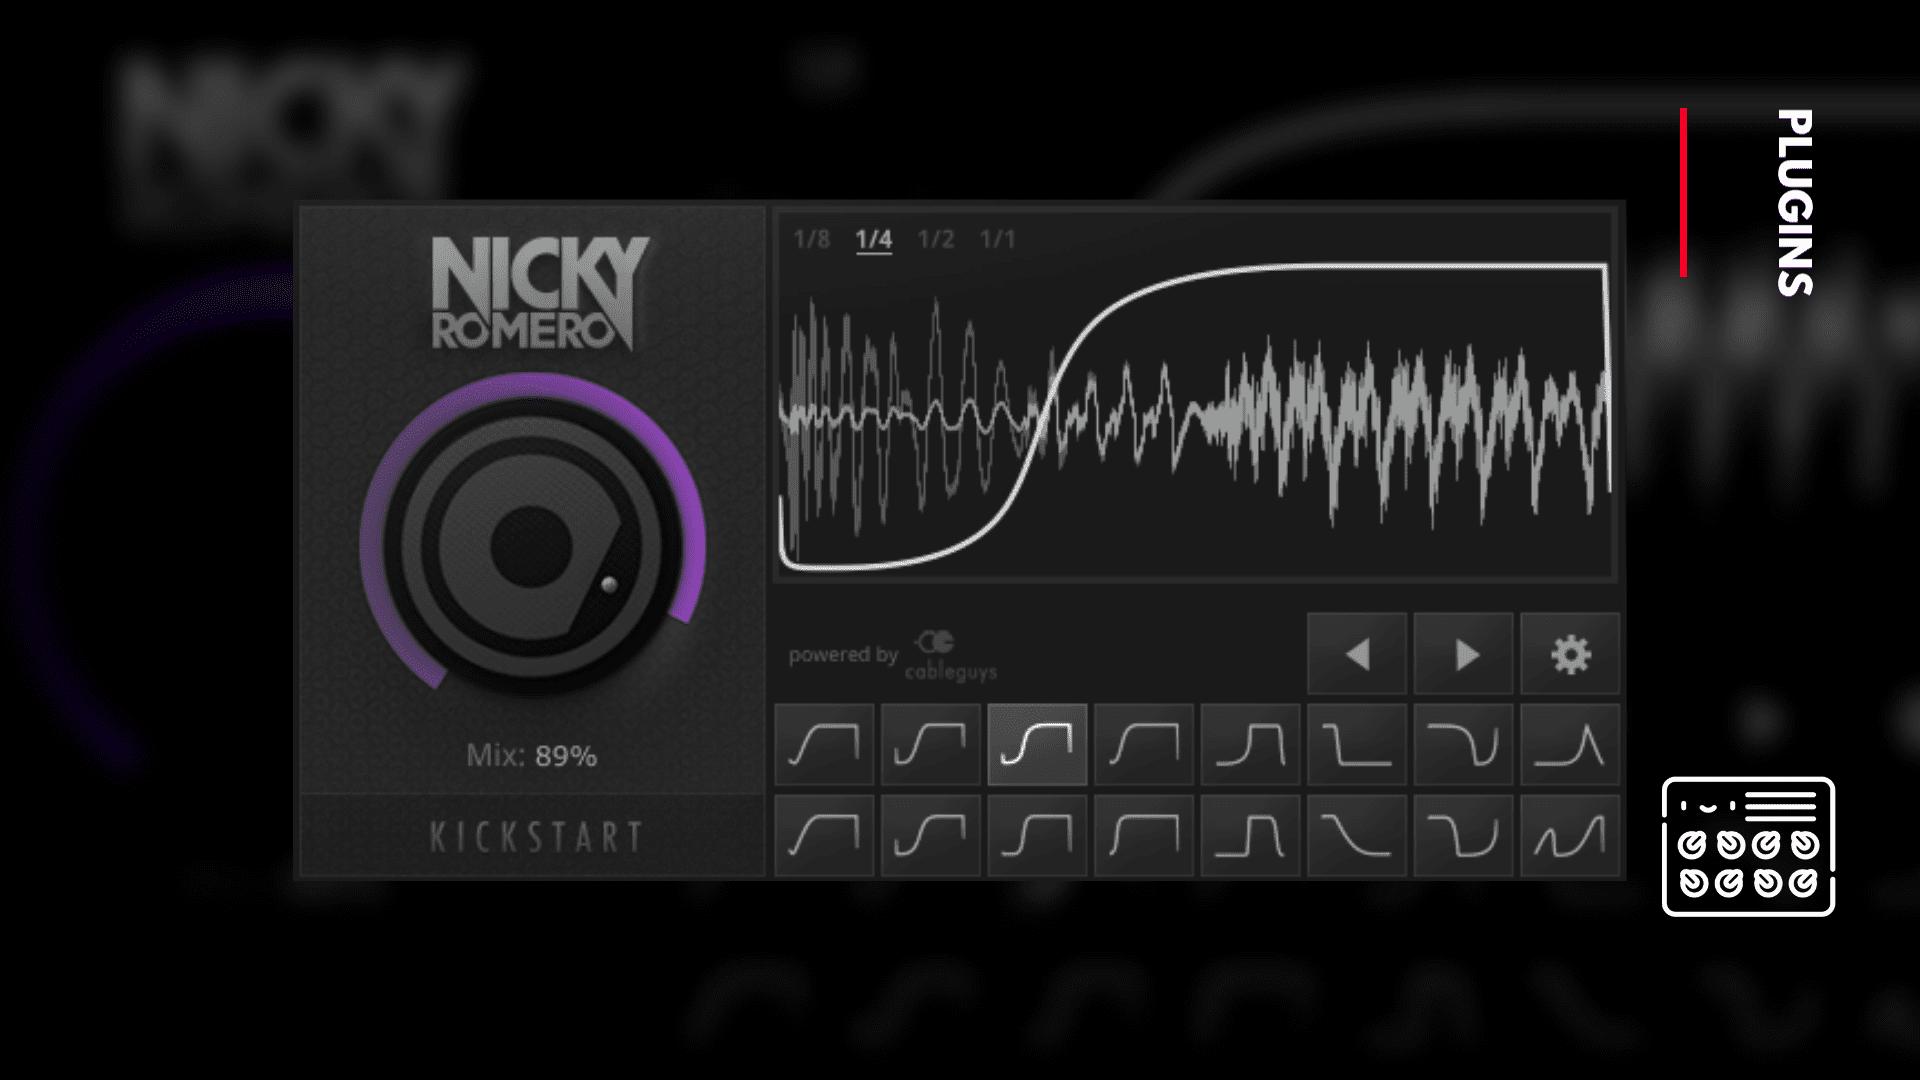 Nicky Romero Kickstart 2